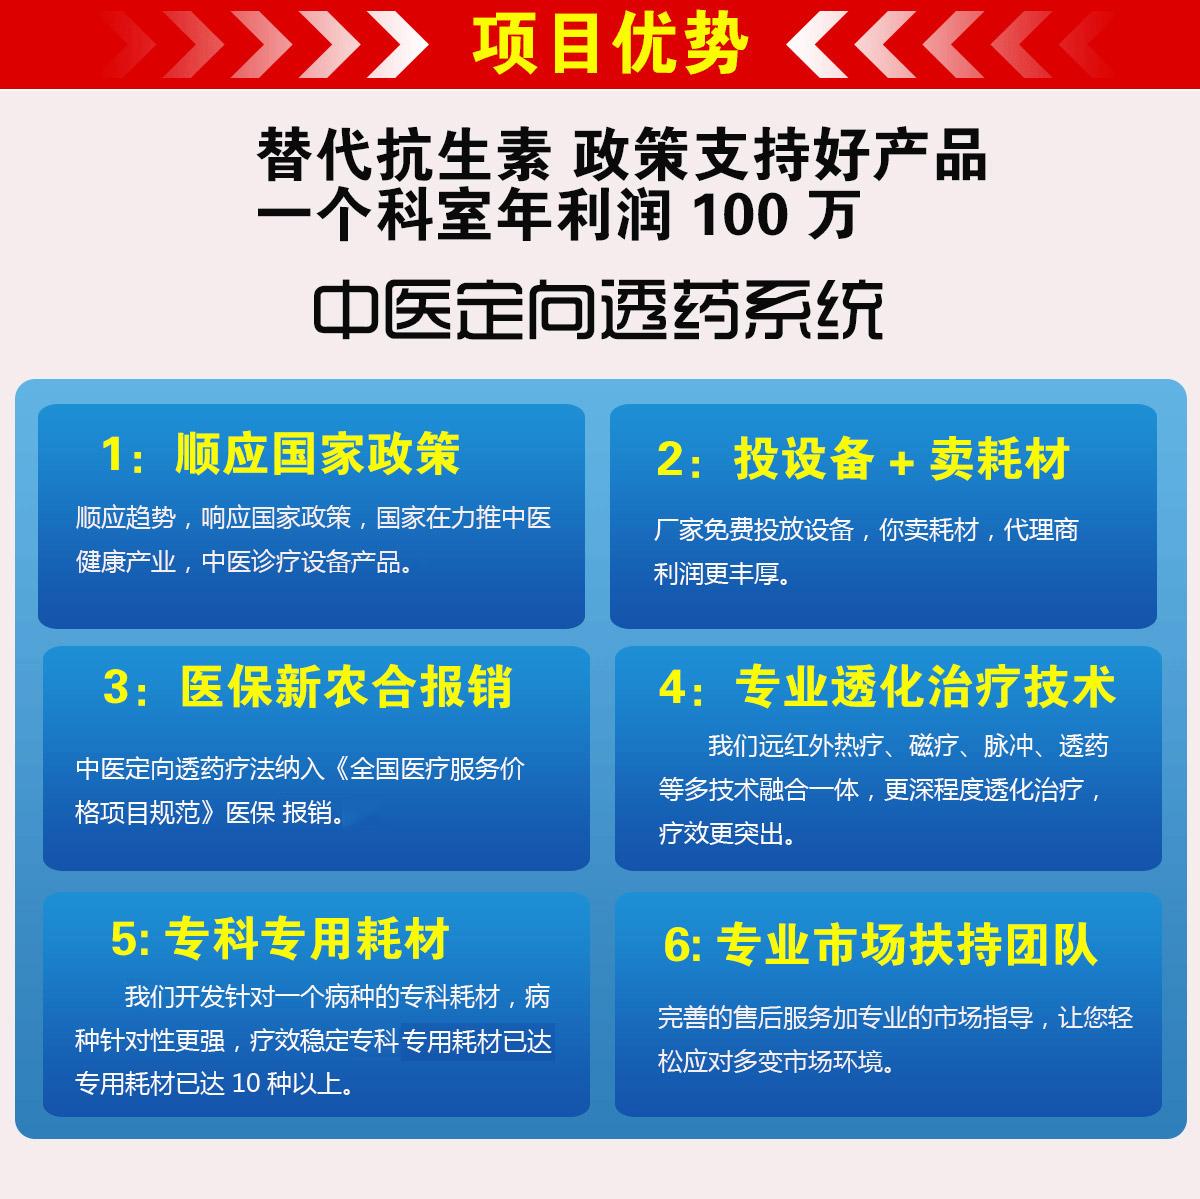 中医定向透药治疗仪-项目优势